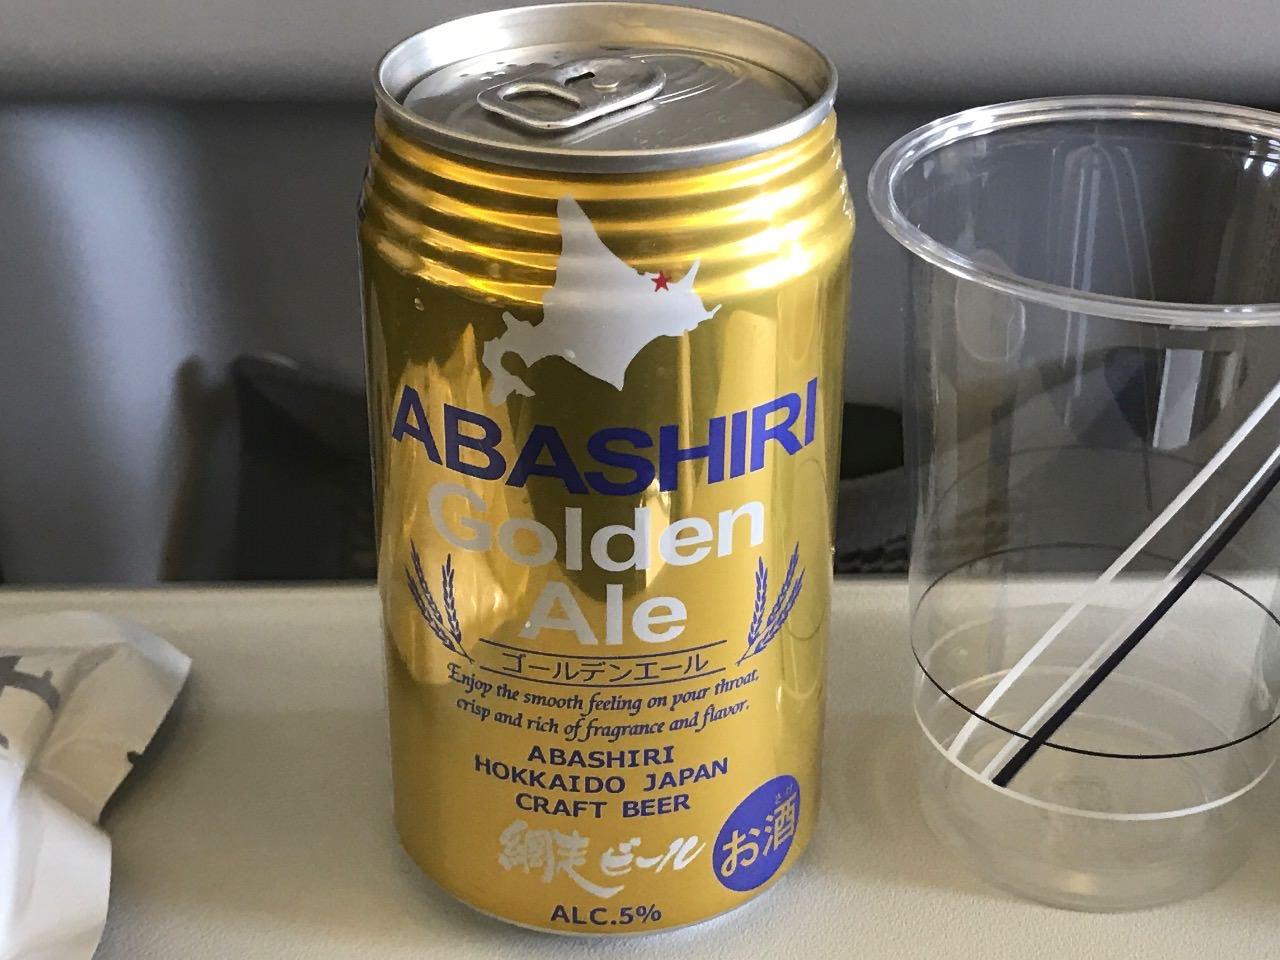 ABASHIRI ゴールデンエール 01